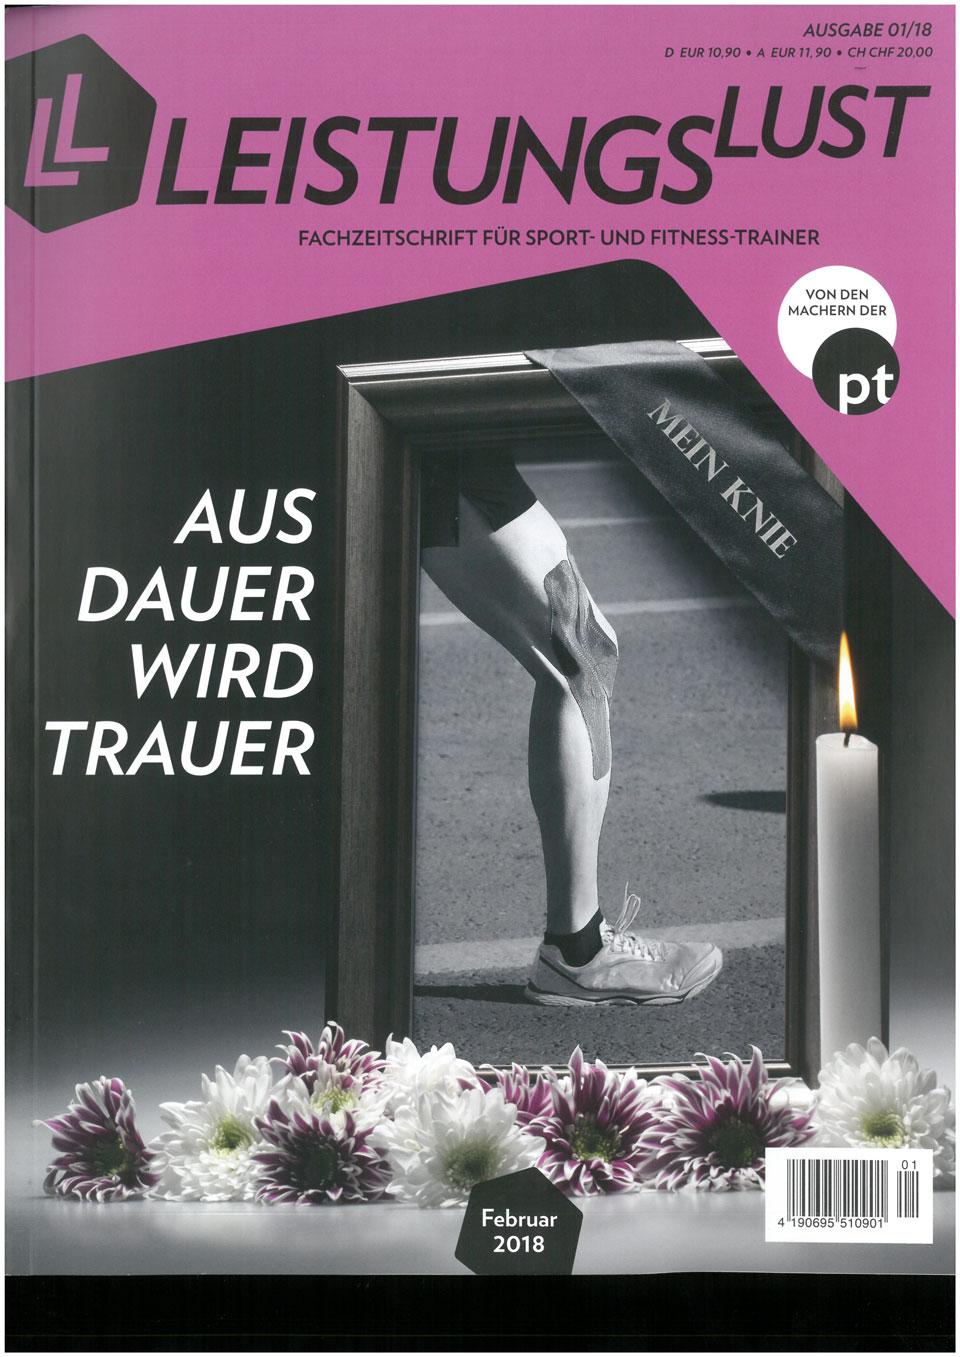 Cover - Leistungslust, Aus Dauer wird Trauer